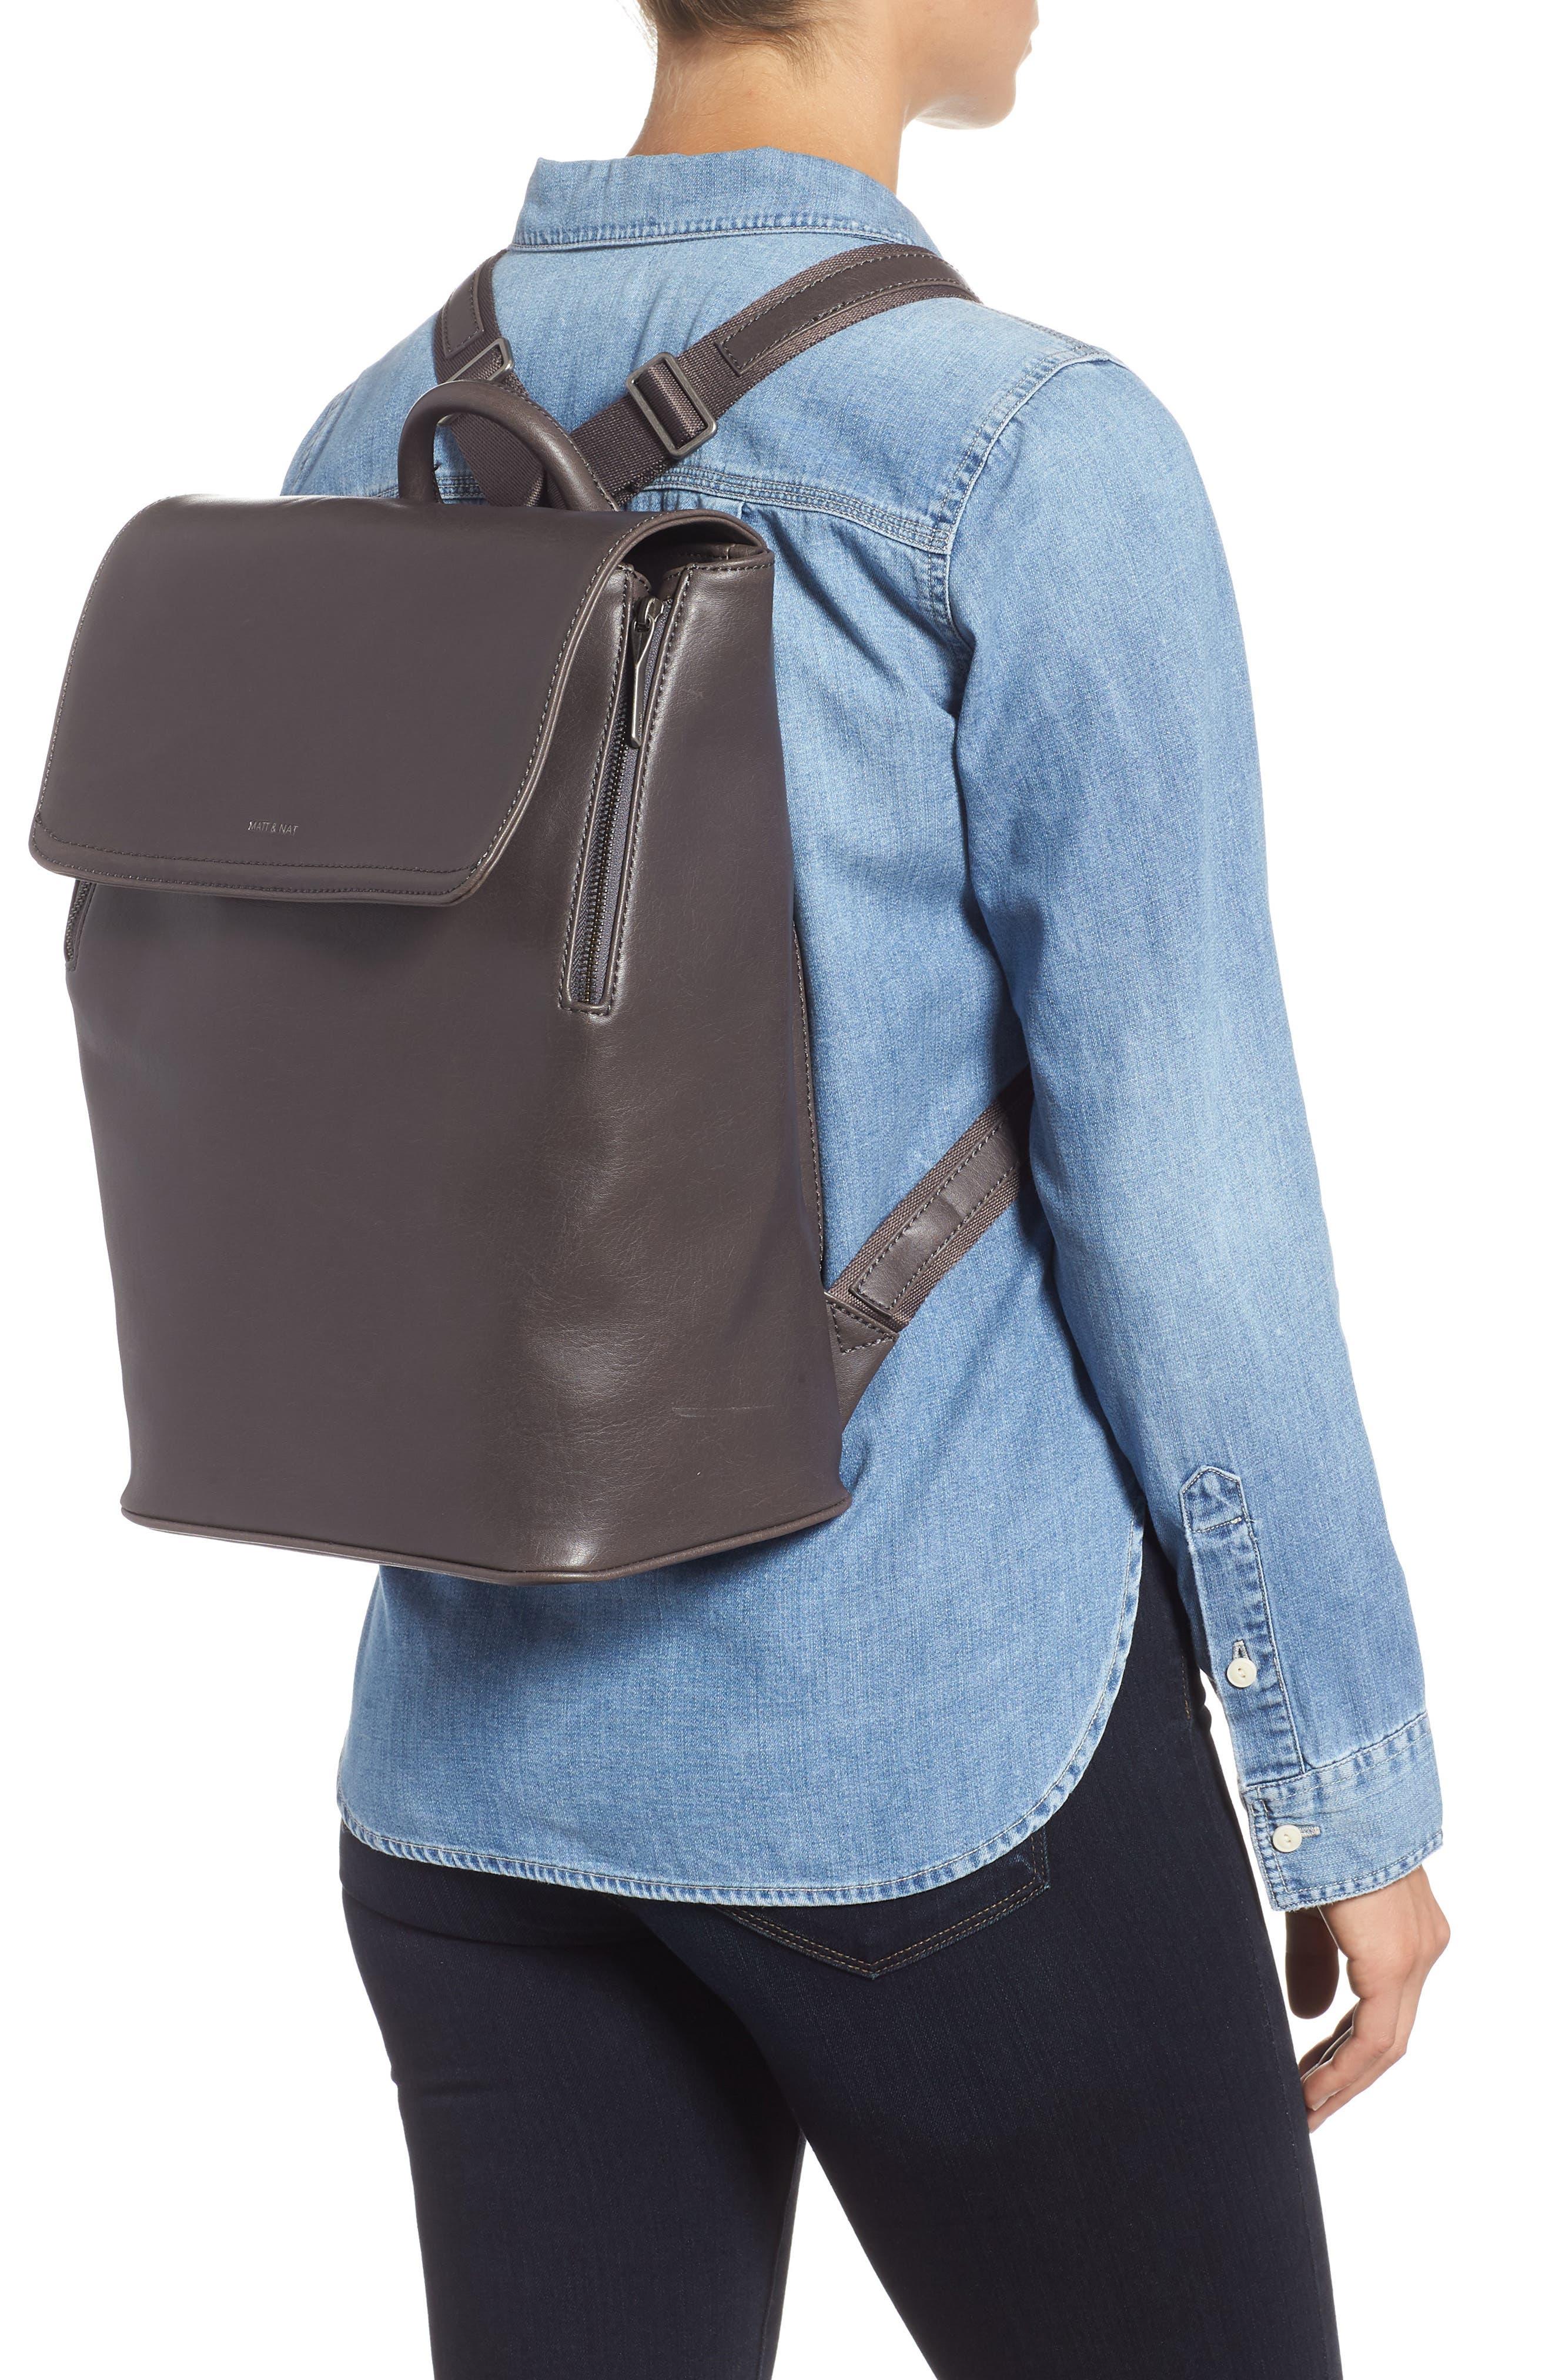 MATT & NAT,                             'Fabi' Faux Leather Laptop Backpack,                             Alternate thumbnail 2, color,                             NO_COLOR